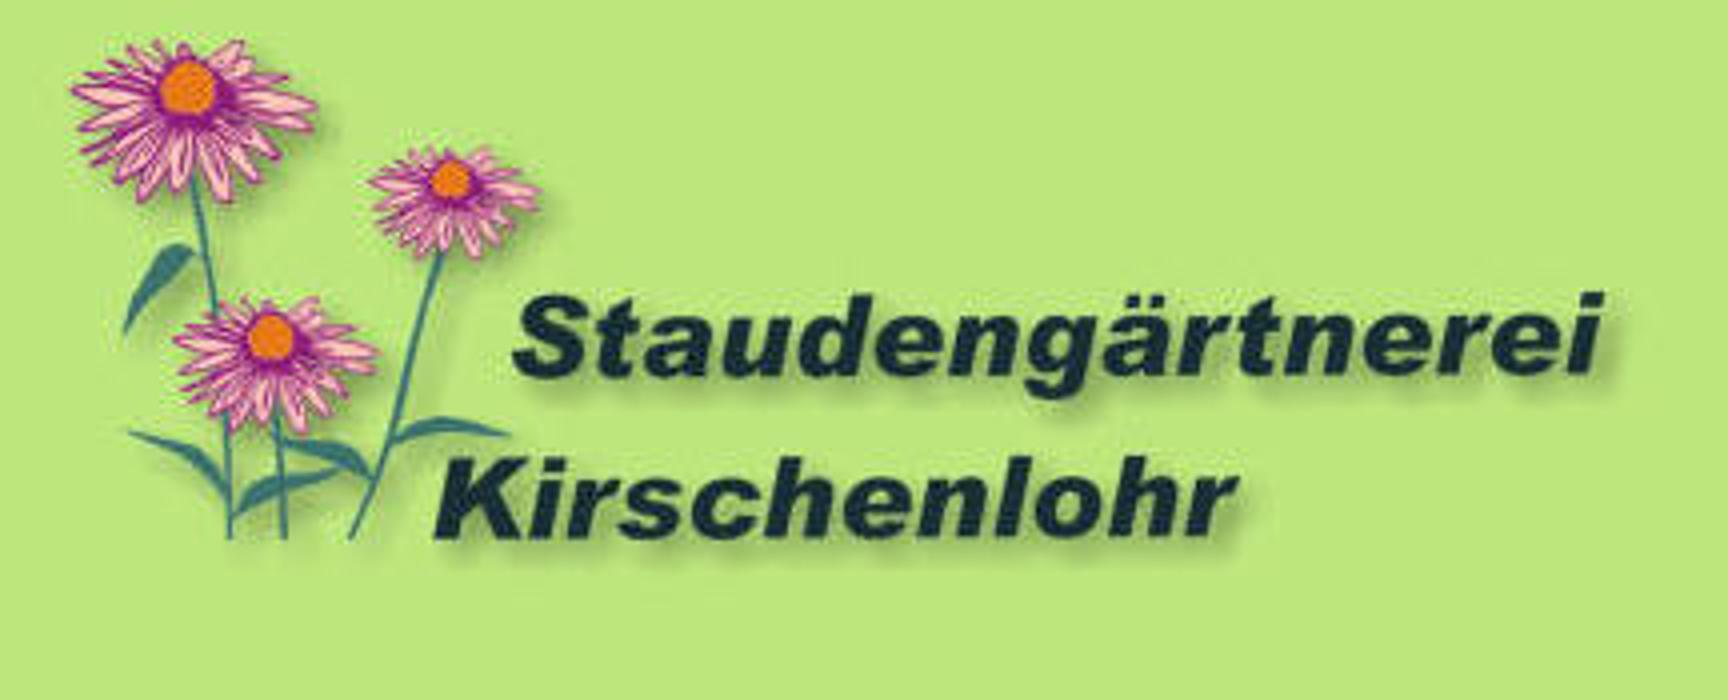 Bild zu Staudengärtnerei Kirschenlohr in Speyer